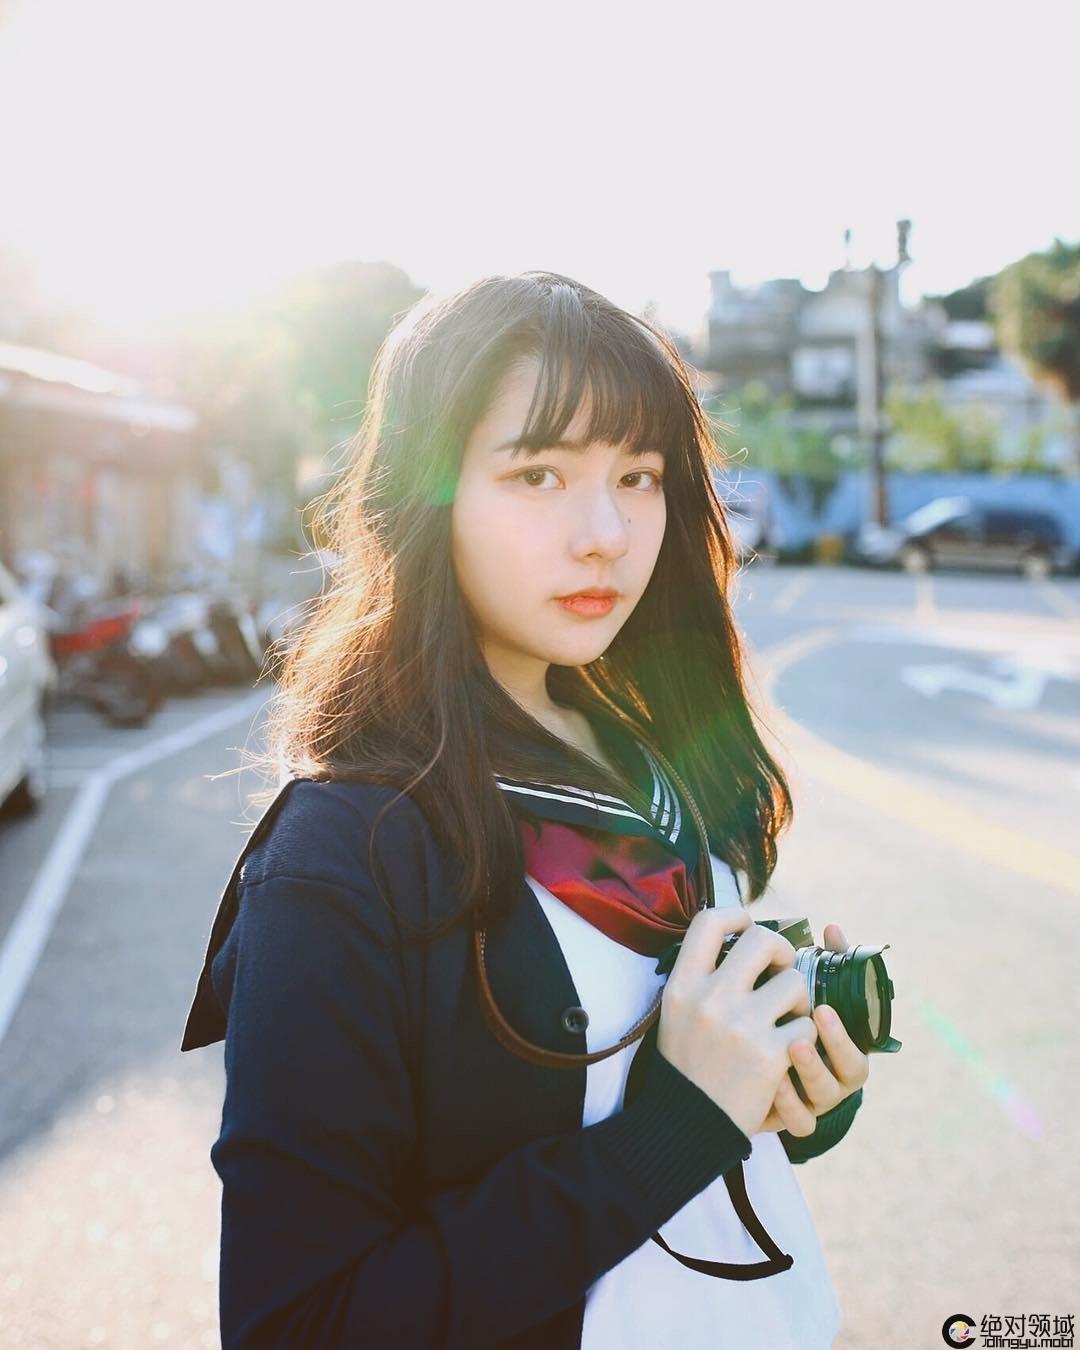 我爱台妹,李荣浩《大太阳》MV女主角!超甜萌感日系小清新「吴沂瑾 Leona」眼下桃花痣超勾魂